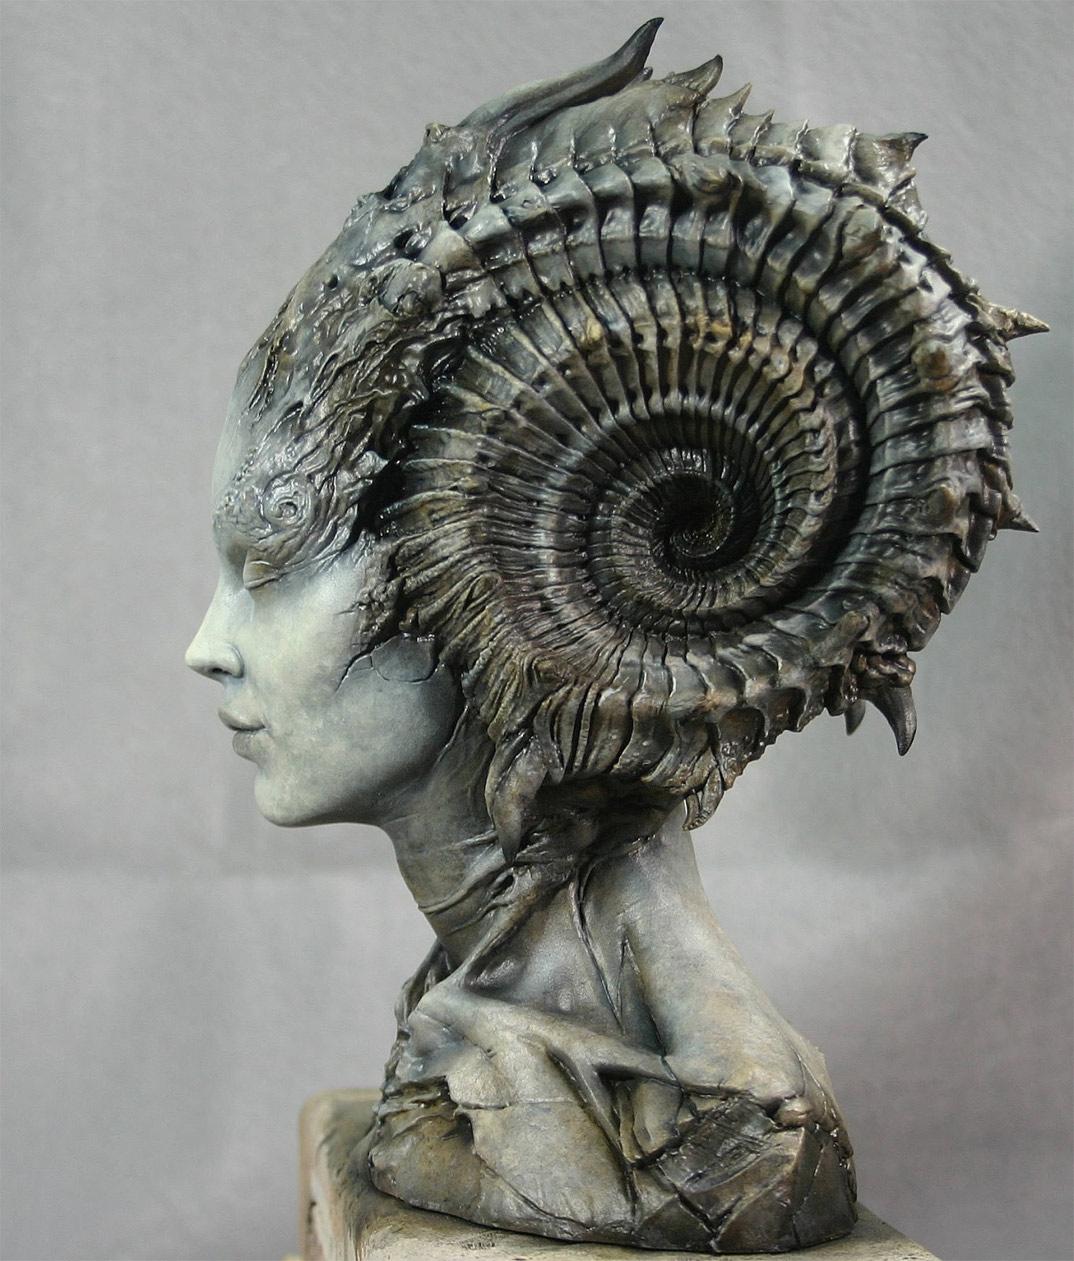 sculture-bizzarre-anatomia-umana-animale-09